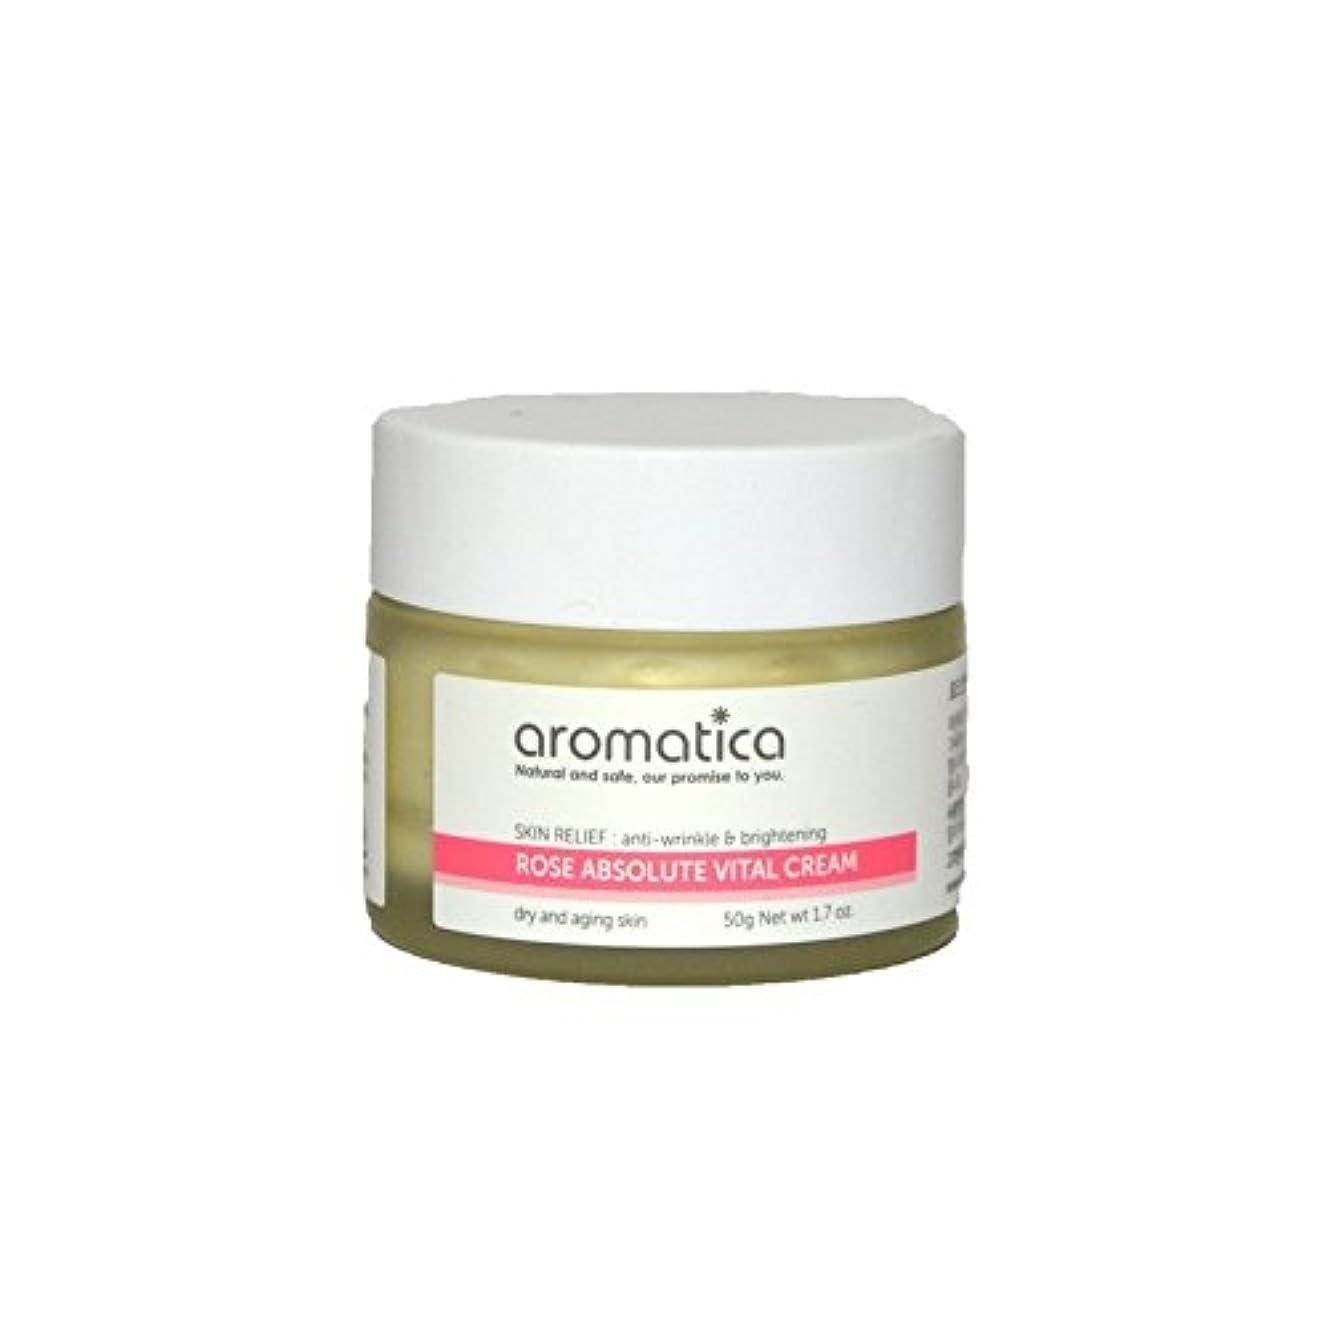 速度達成可能端aromatica Rose Absolute Vital Cream 50g (Pack of 6) - は絶対不可欠なクリーム50グラムのバラ x6 [並行輸入品]